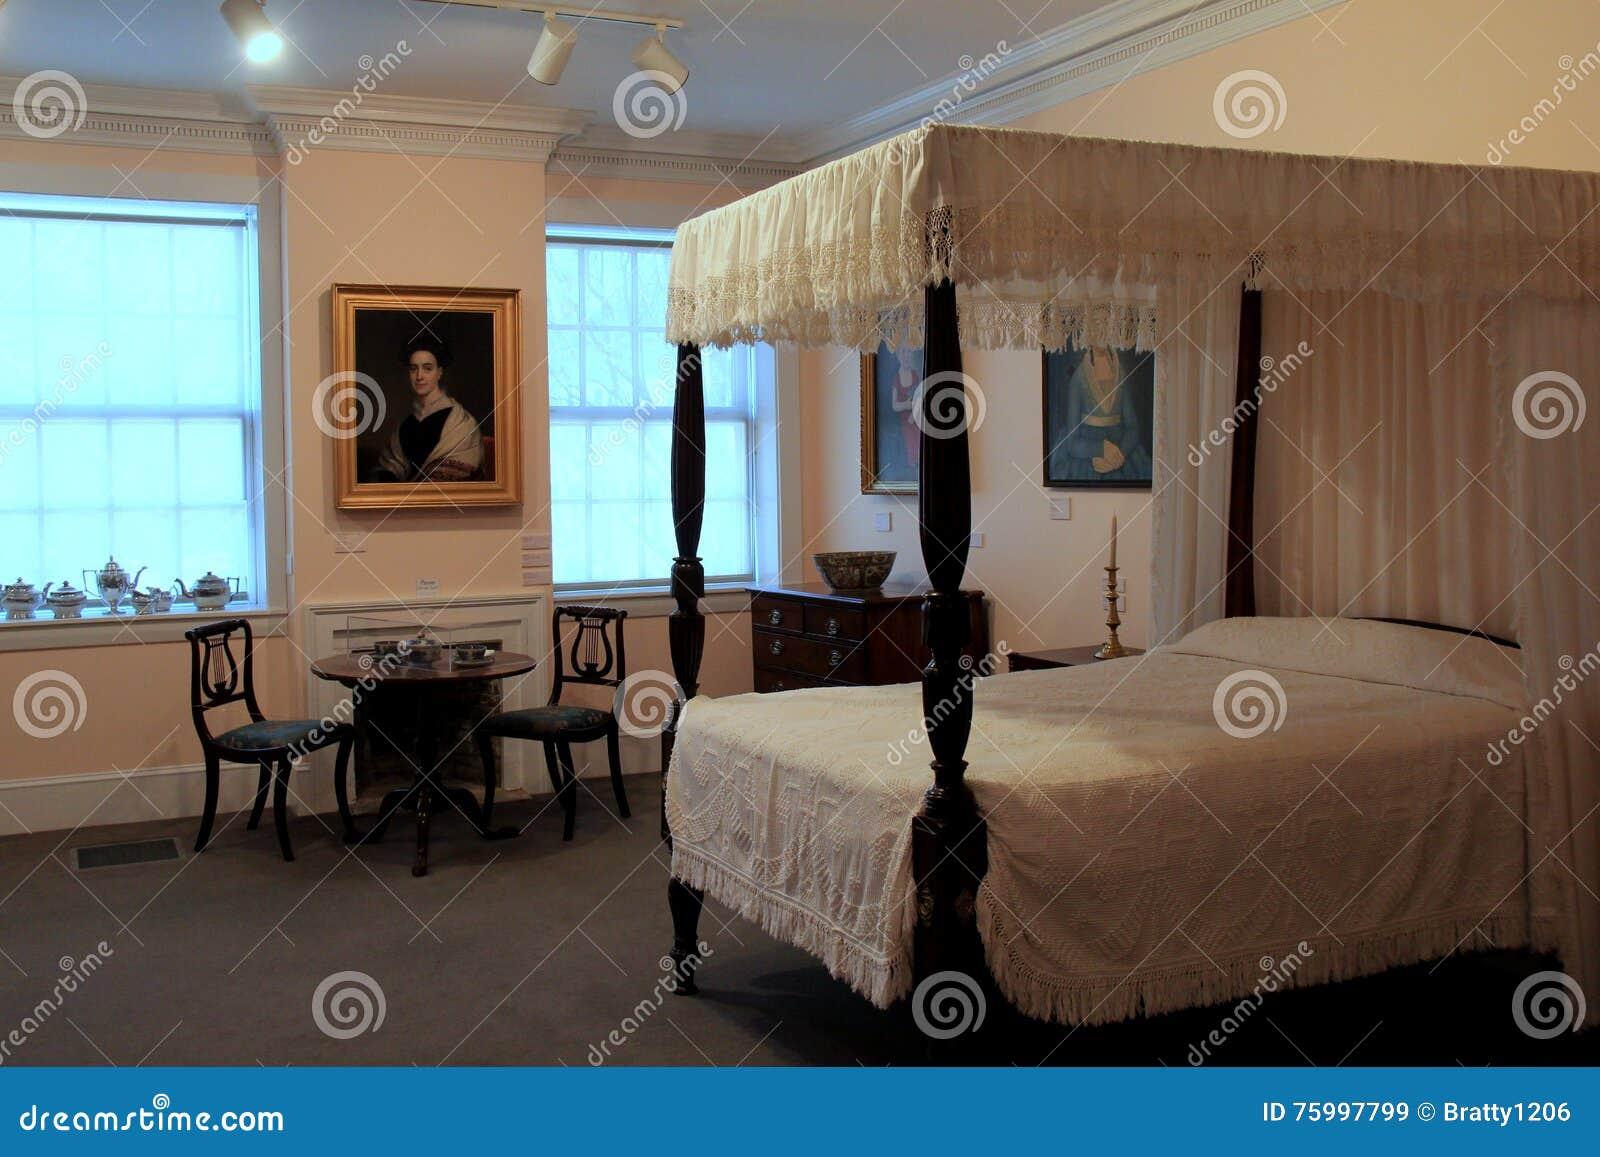 Belle Chambre à Coucher, Avec Des Meubles Et Des Portraits ...